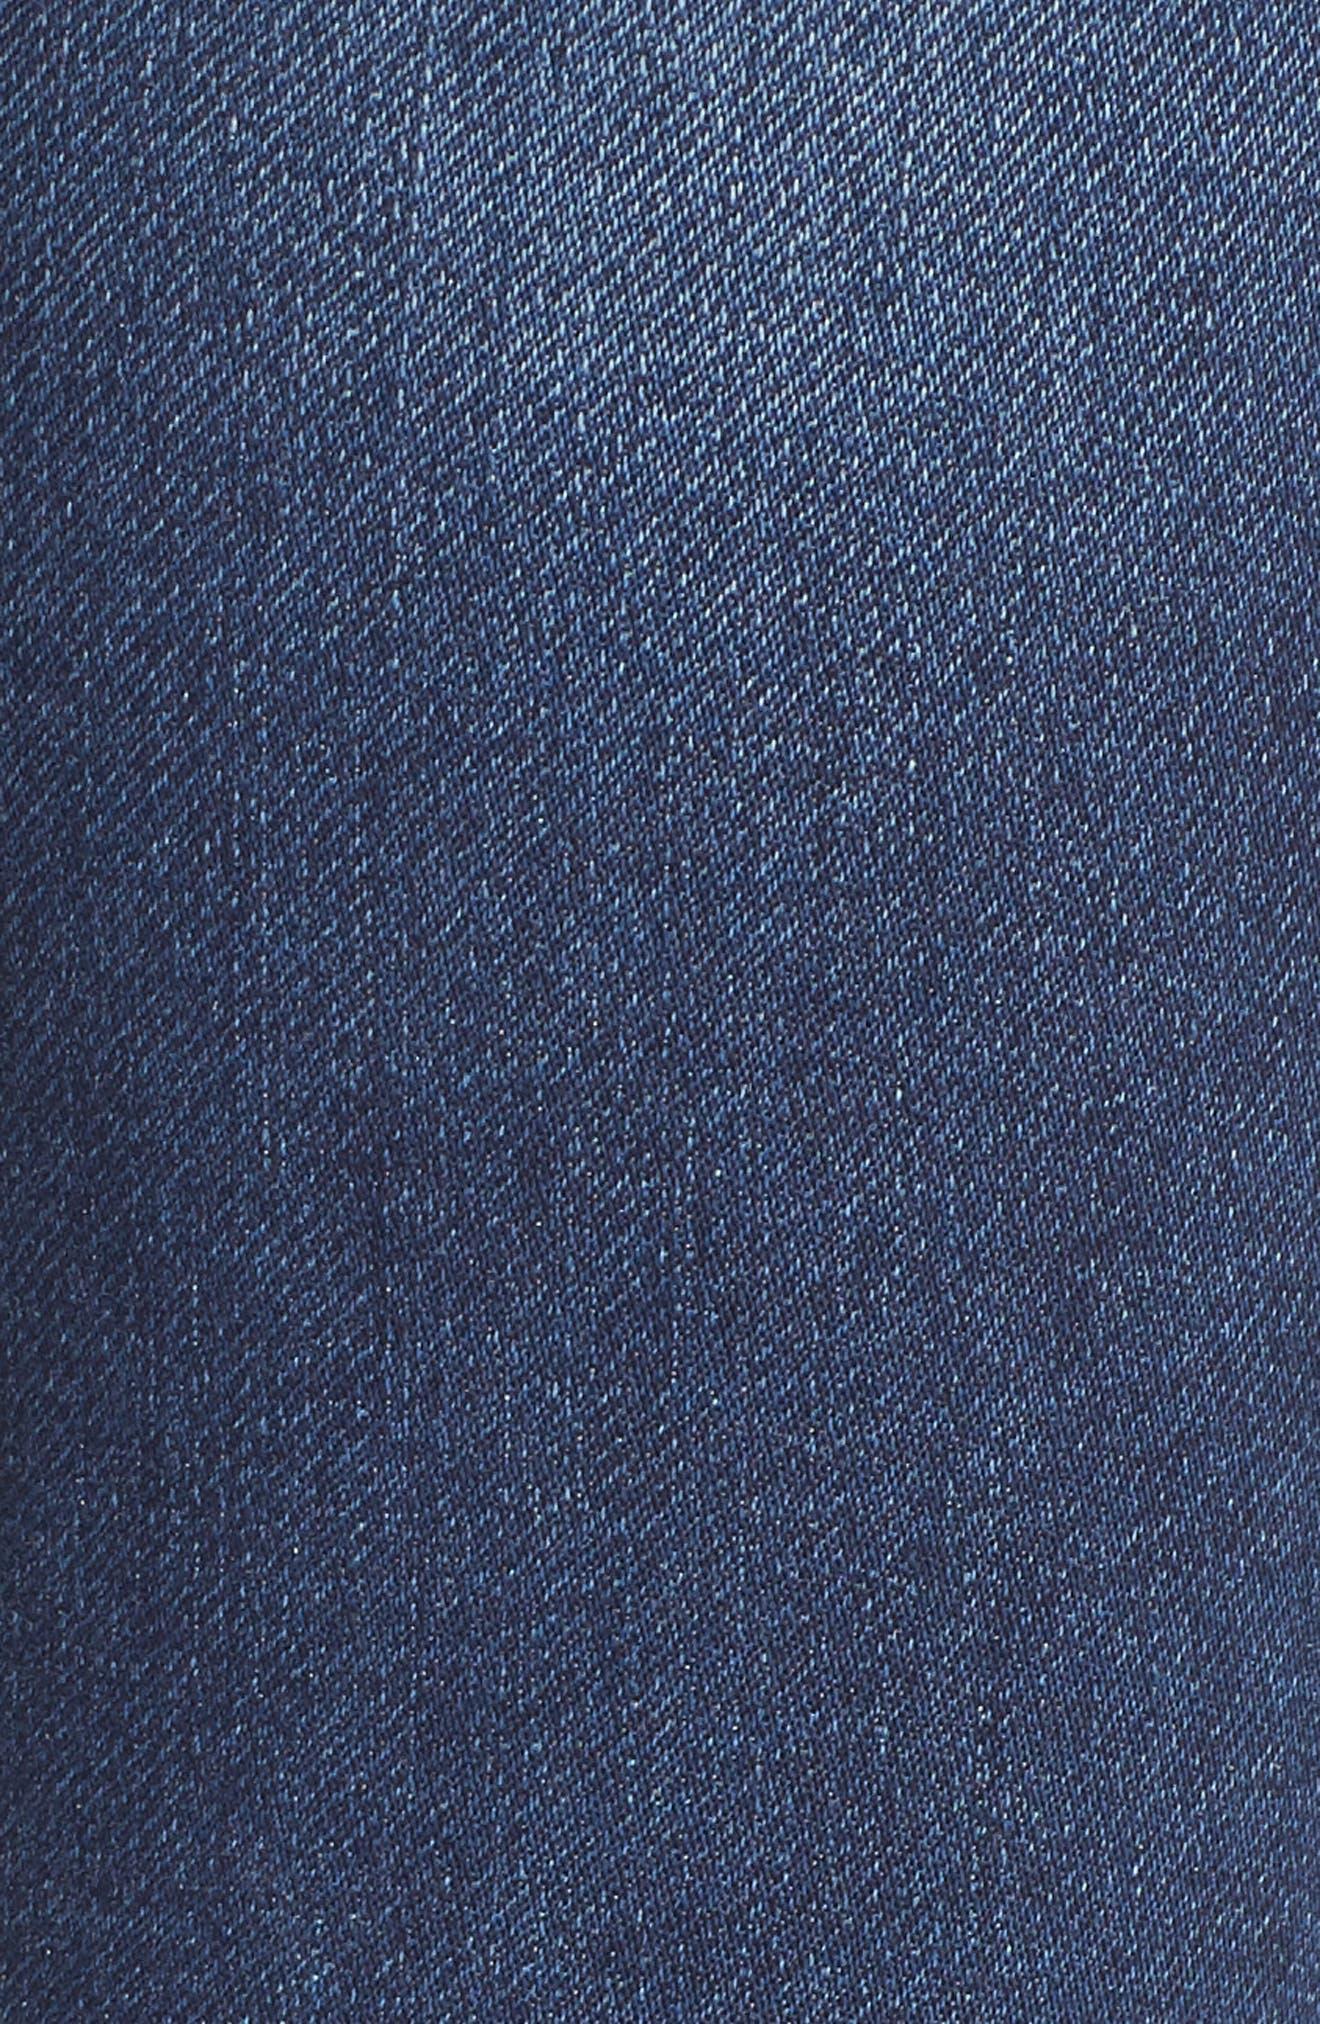 PROSPERITY DENIM, Skinny Jeans, Alternate thumbnail 5, color, DARK